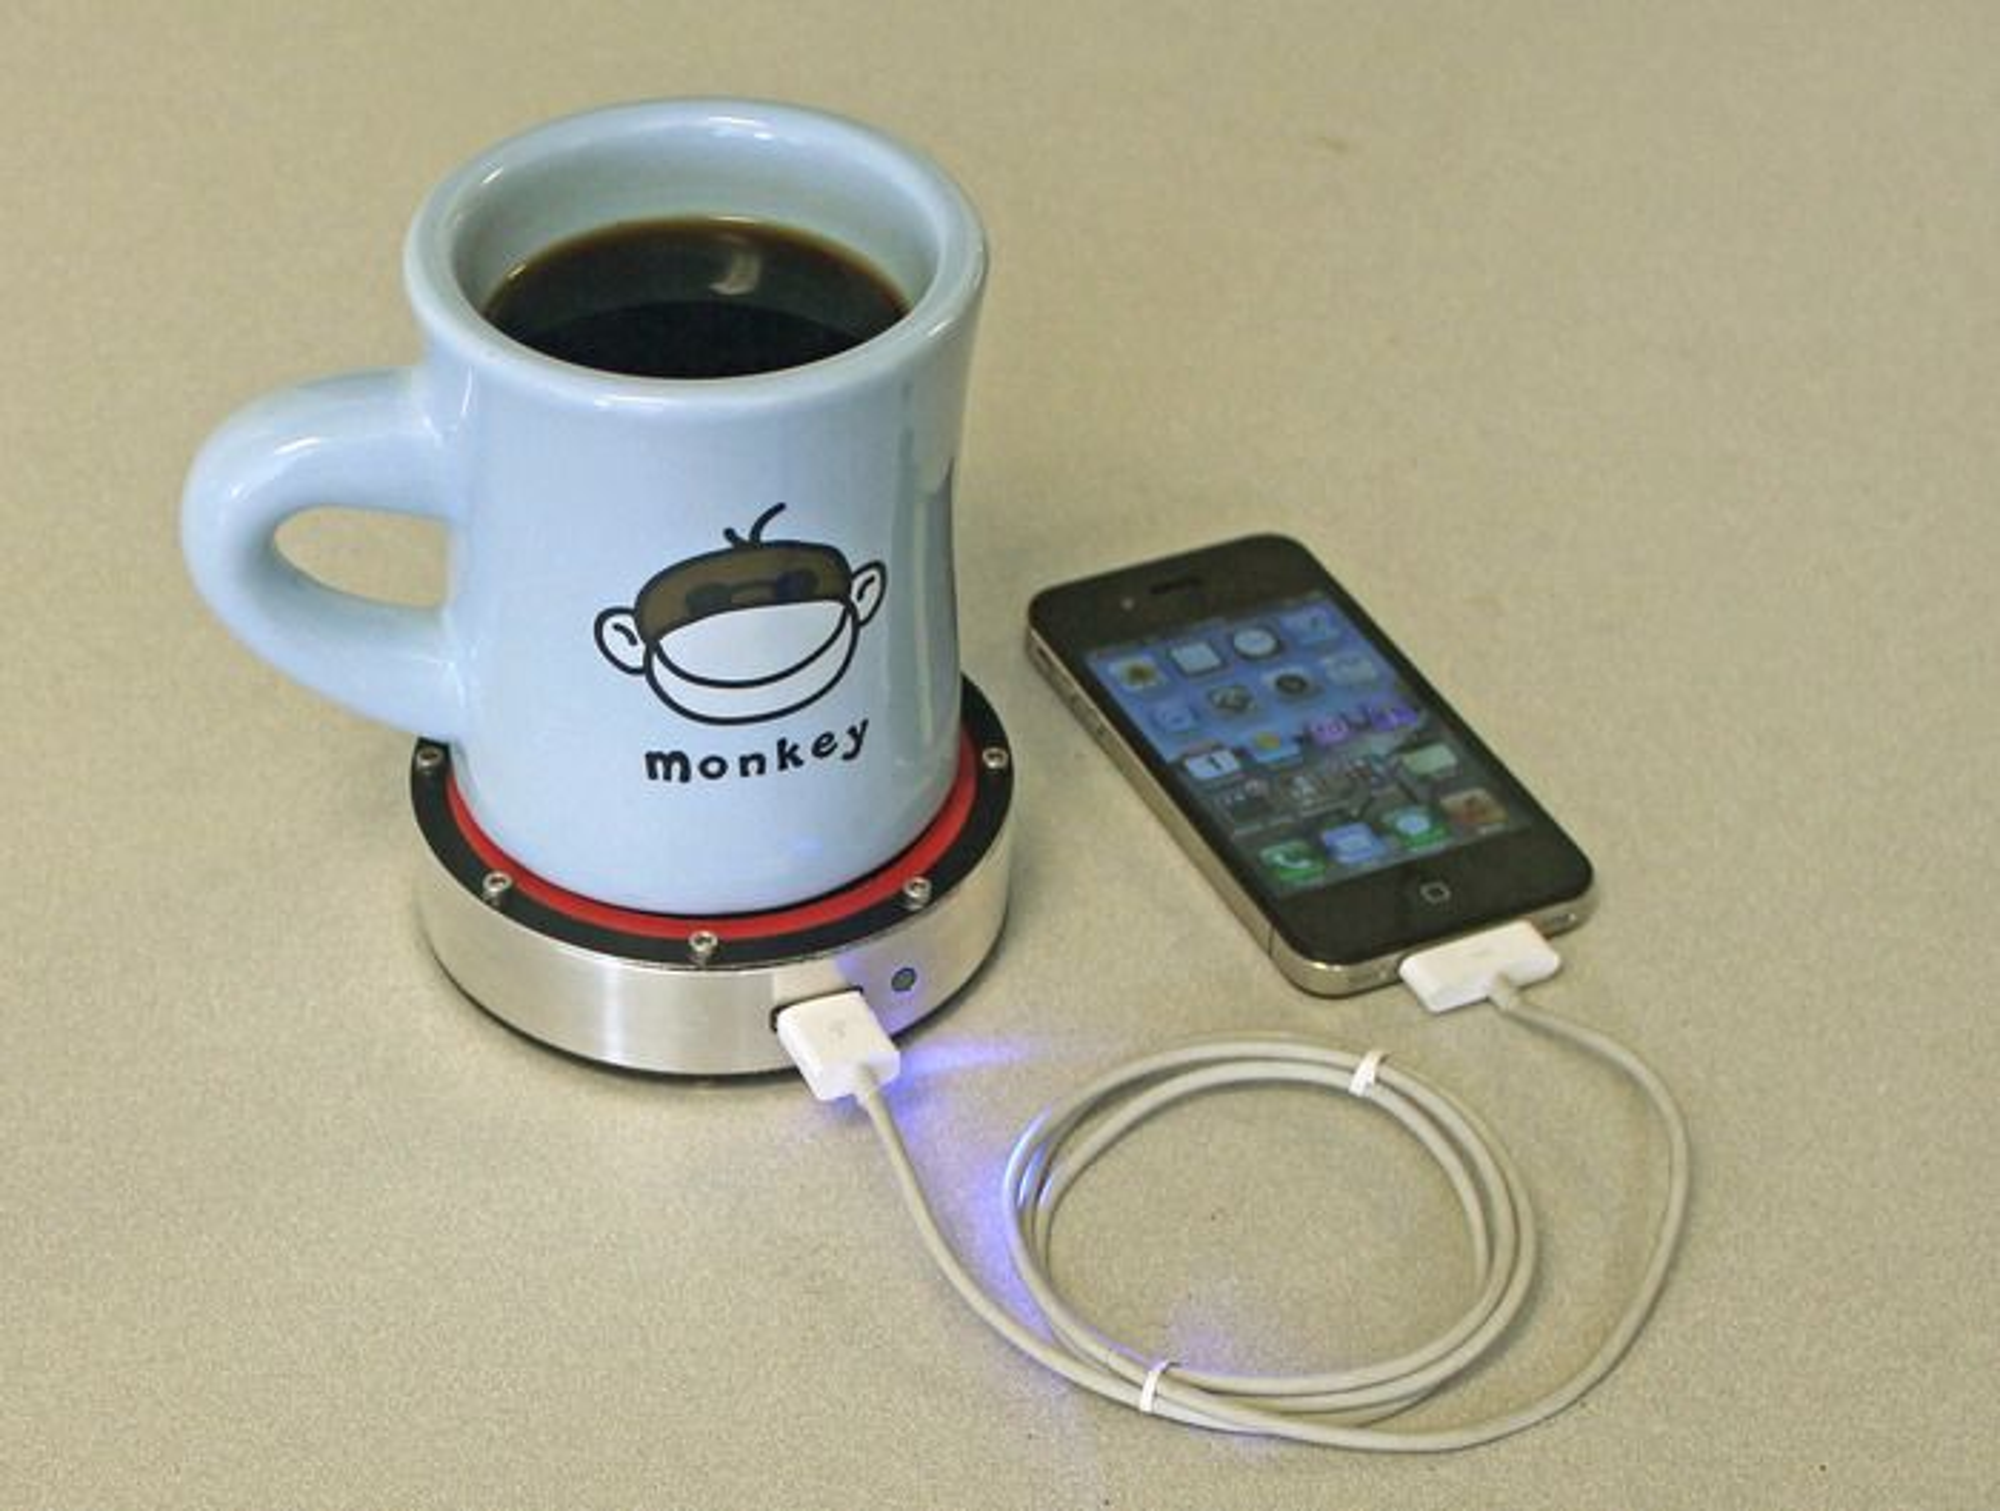 Laderen består av et koppeunderlag med en stirlingmotor som driver en generator. Via USB kan dette kobles til en mobiltelefon eller annet som trenger strøm.